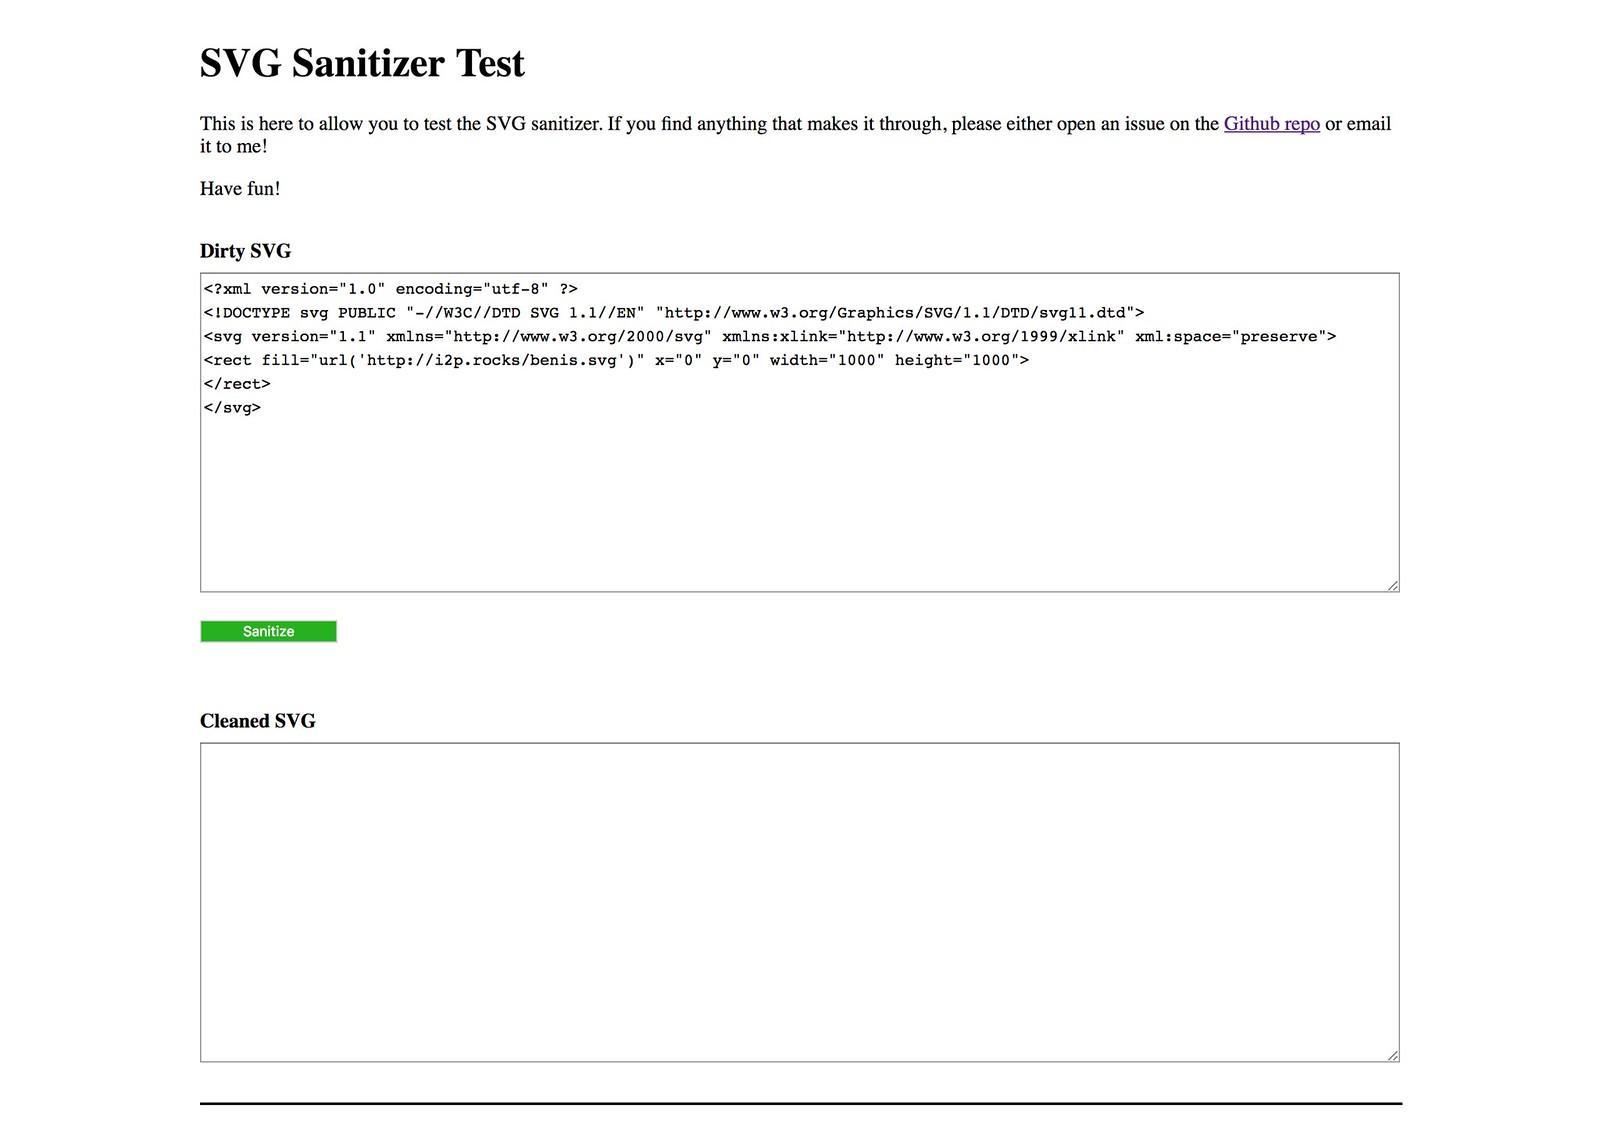 SVG Sanitizer Test